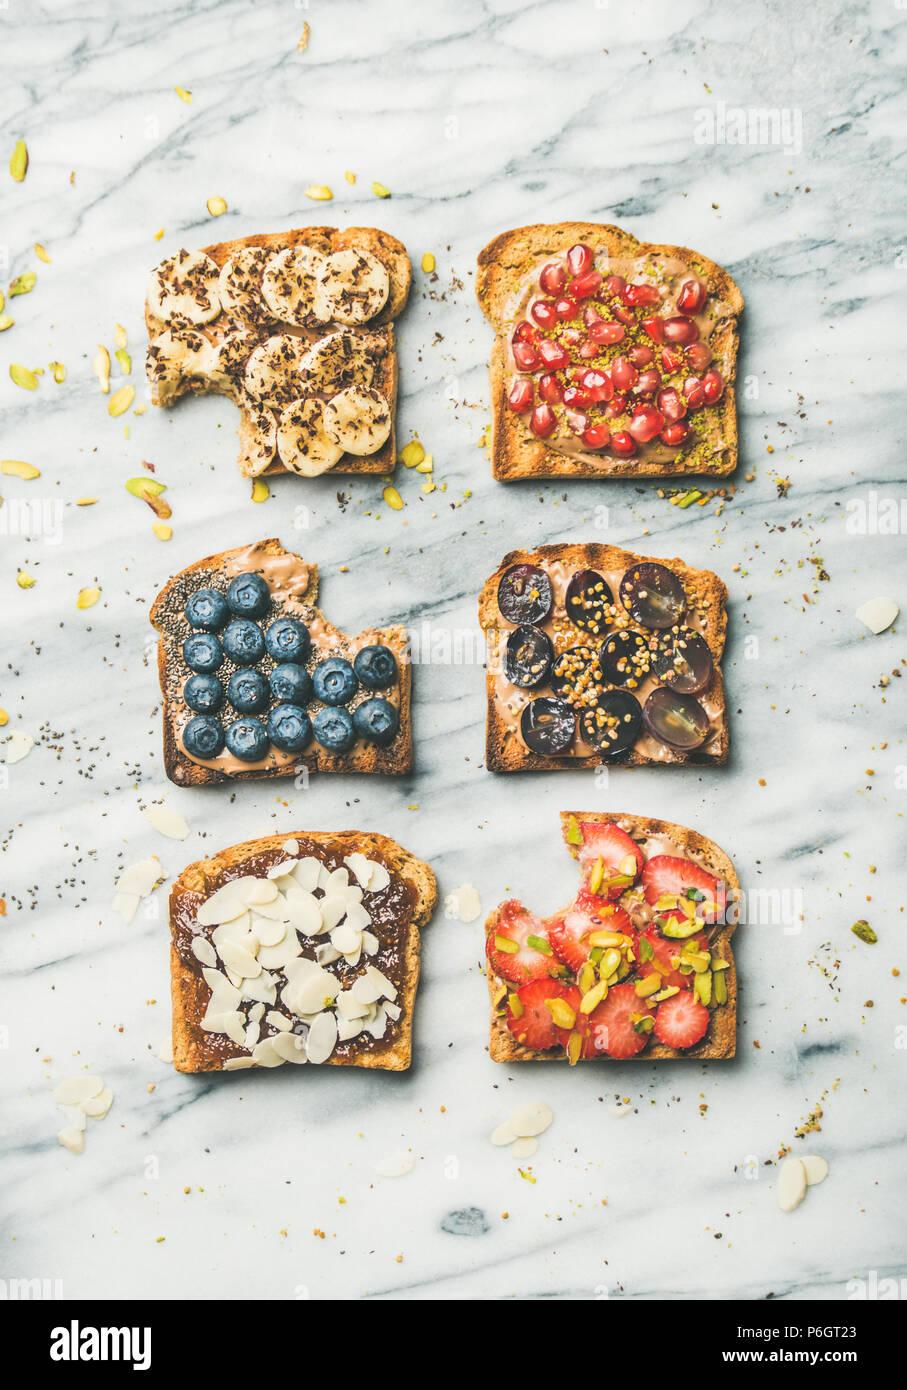 Petit-déjeuner ou une collation saine avec aliments complets toasts, vue d'en haut Photo Stock